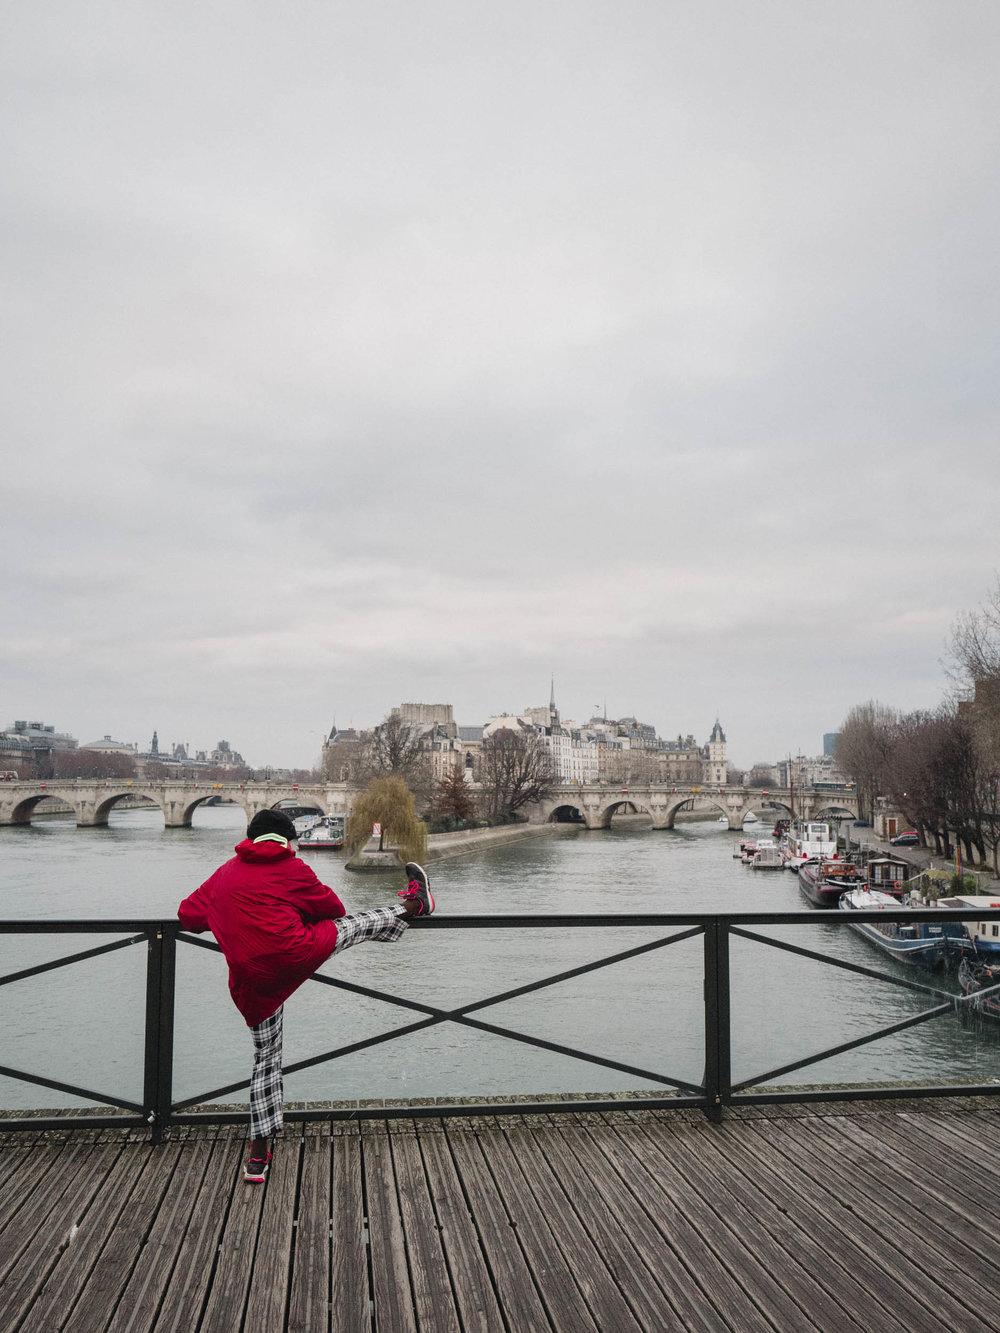 paris-ss-1020600.jpg